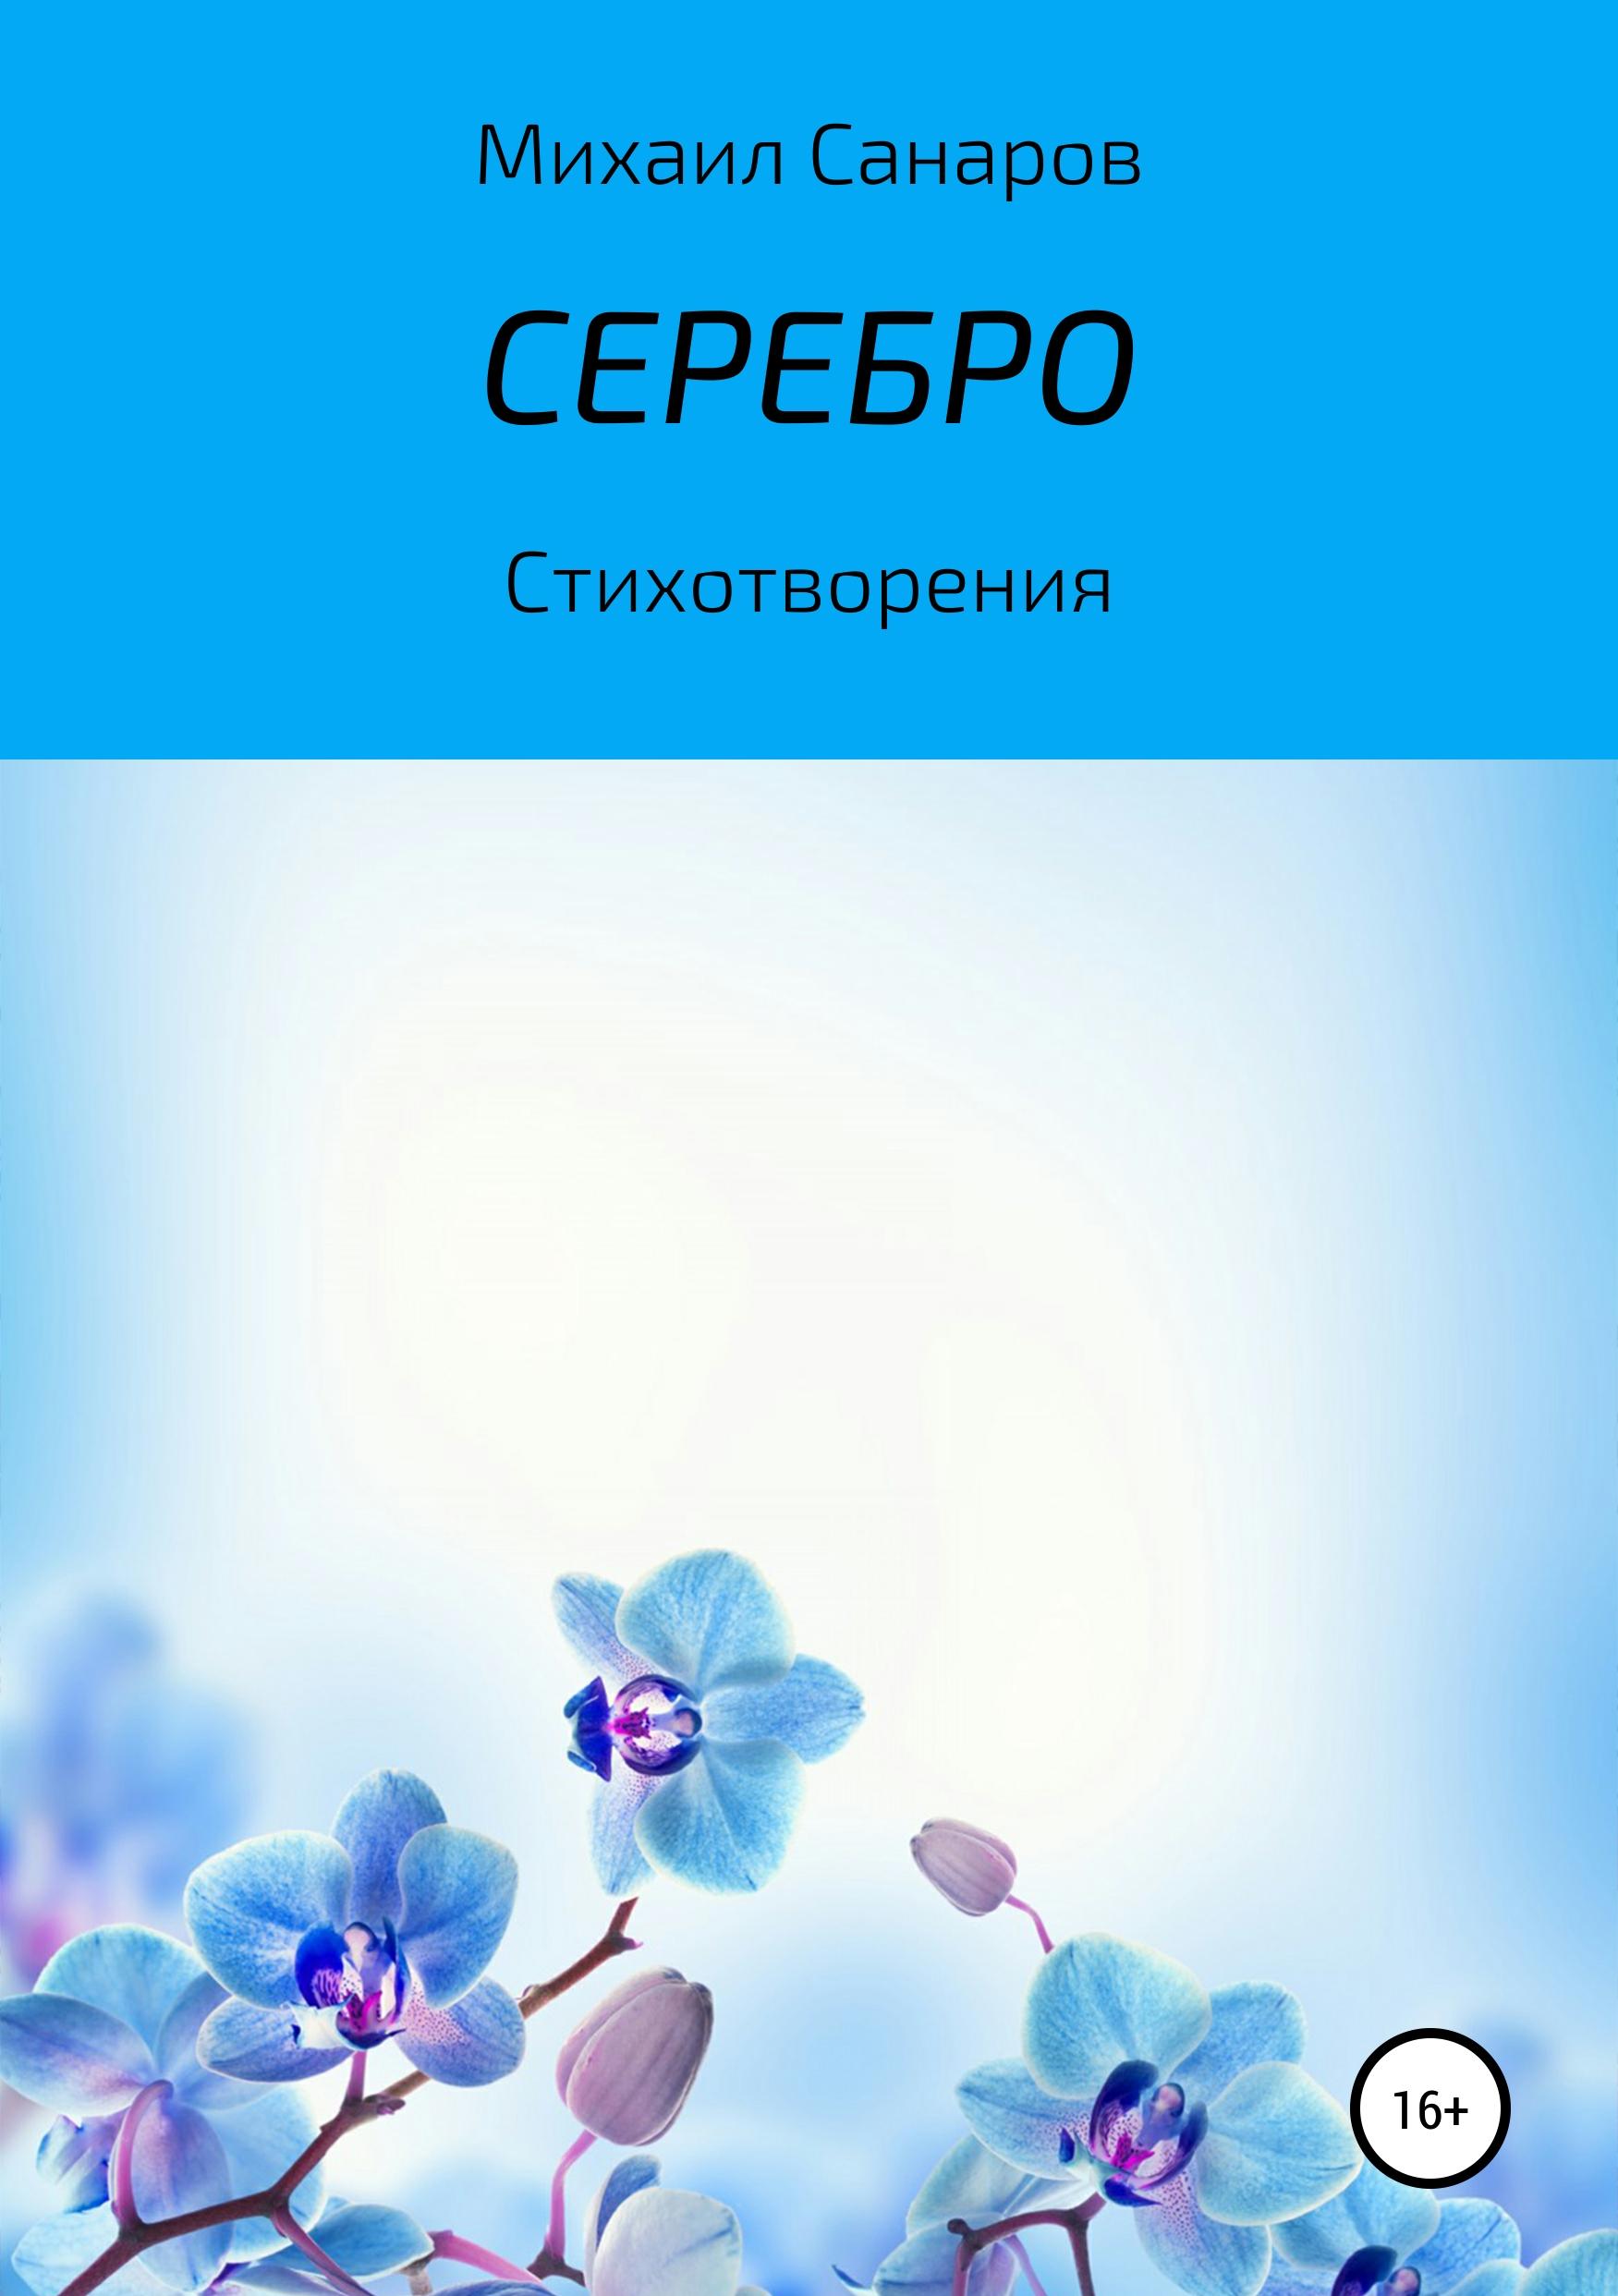 Михаил Борисович Санаров Серебро михаил борисович санаров серебро часть 3